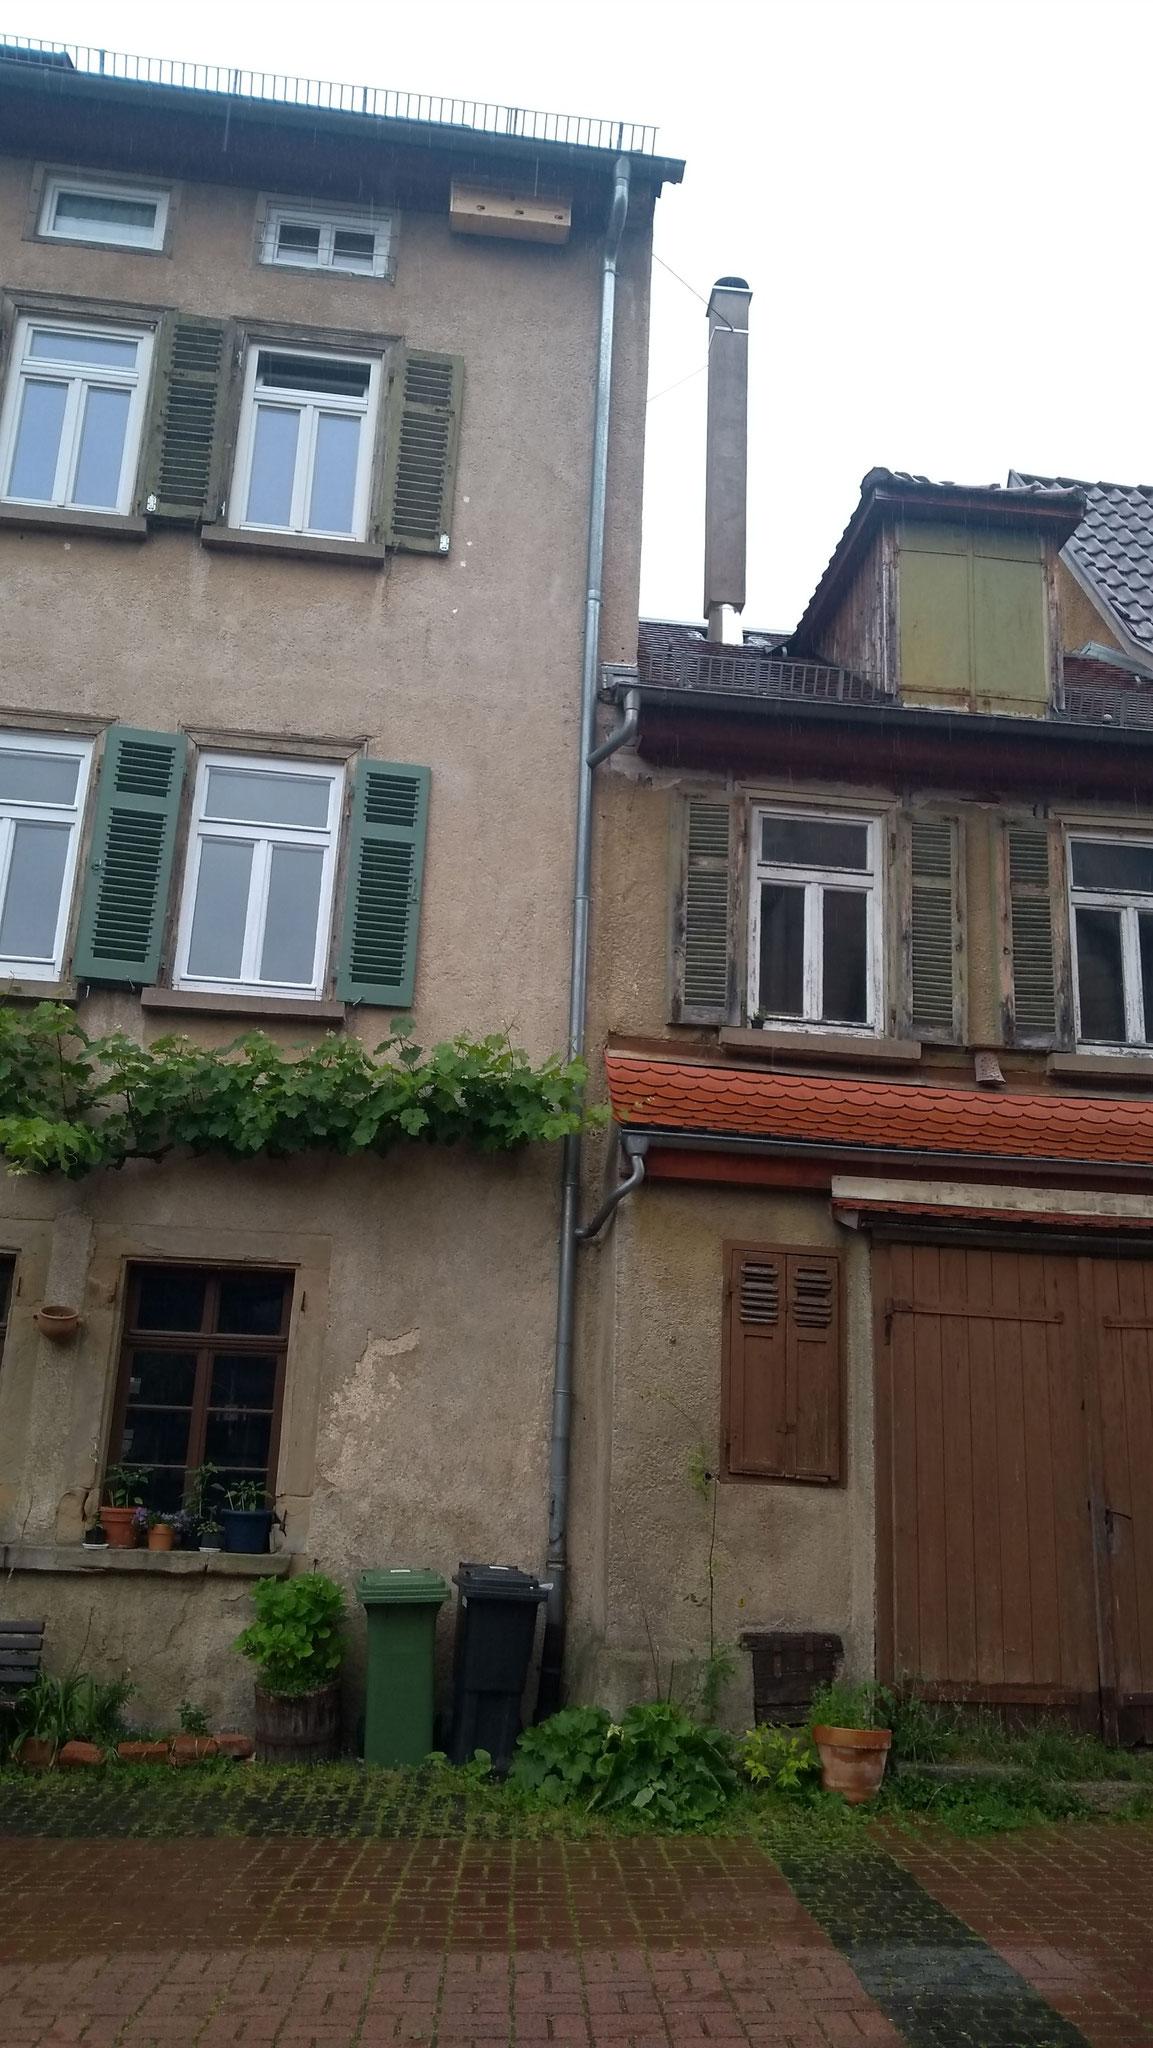 Nistkasten unterm Dach, Madergasse / NABU Tübingen